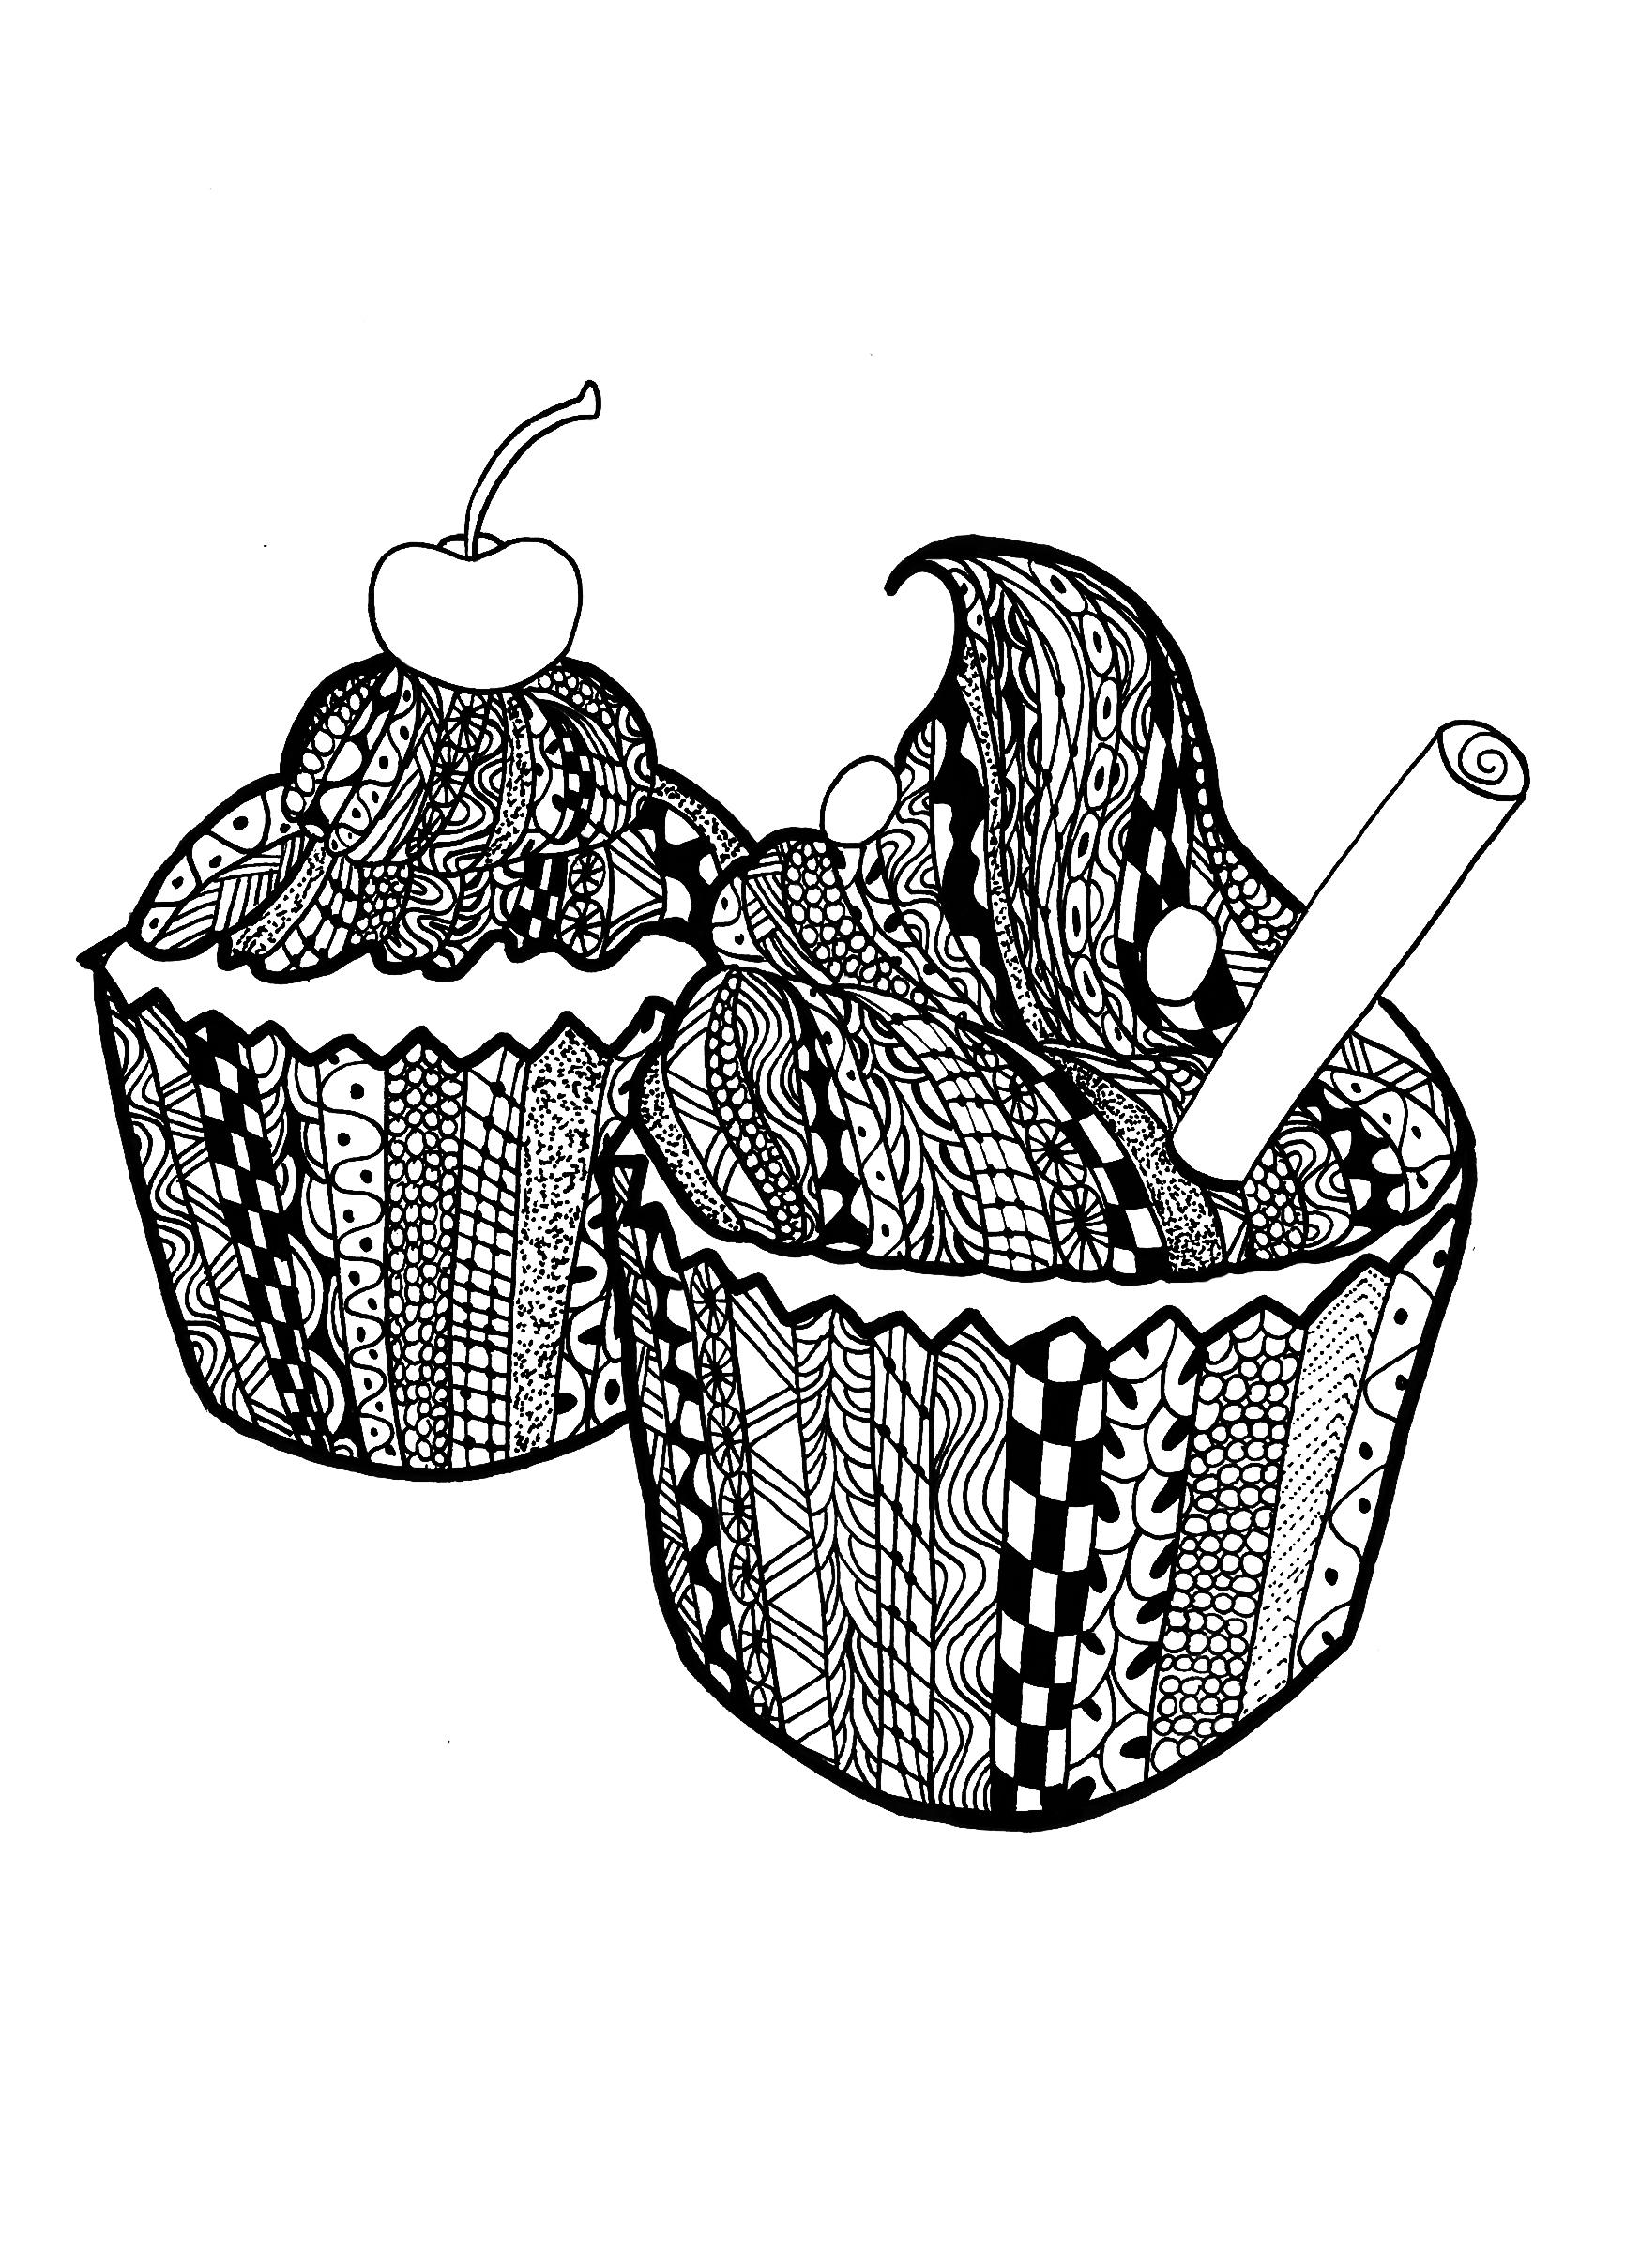 Disegni da colorare per adulti : Cup Cakes - 19